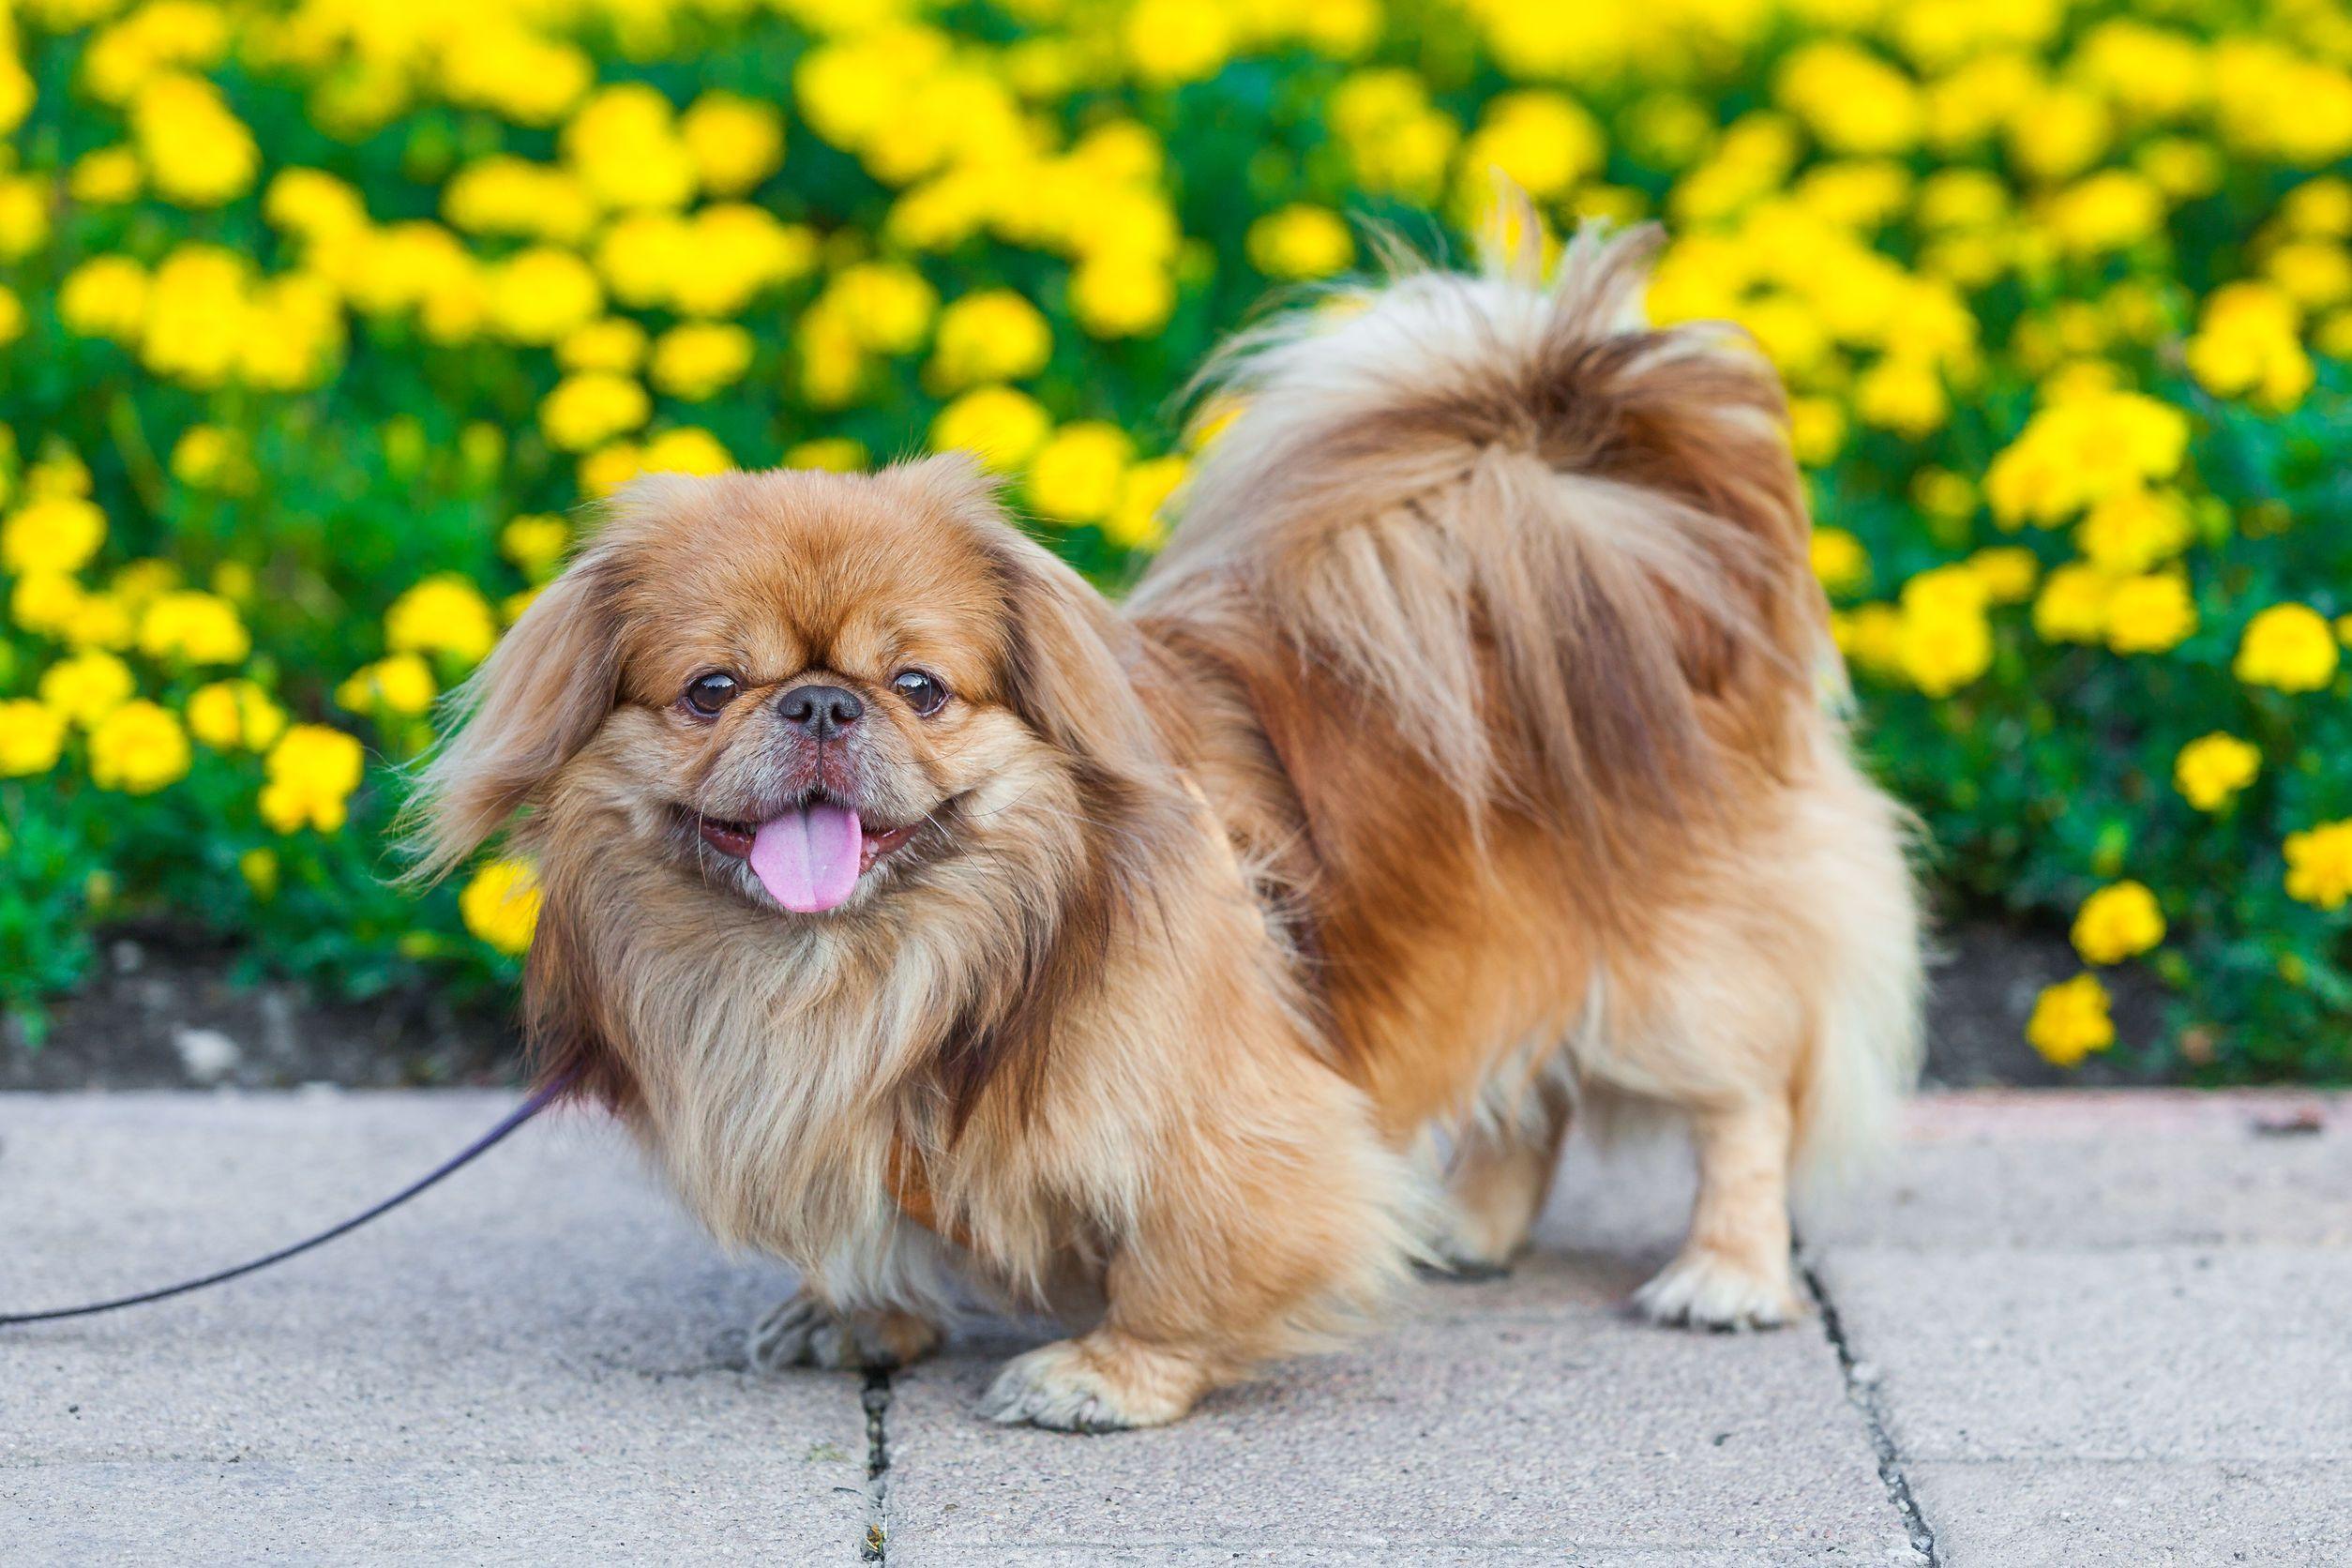 Dodatkowe Pieski kanapowe - Małe i miniaturowe rasy psów (cz. 1) - Zwierzosfera UV43